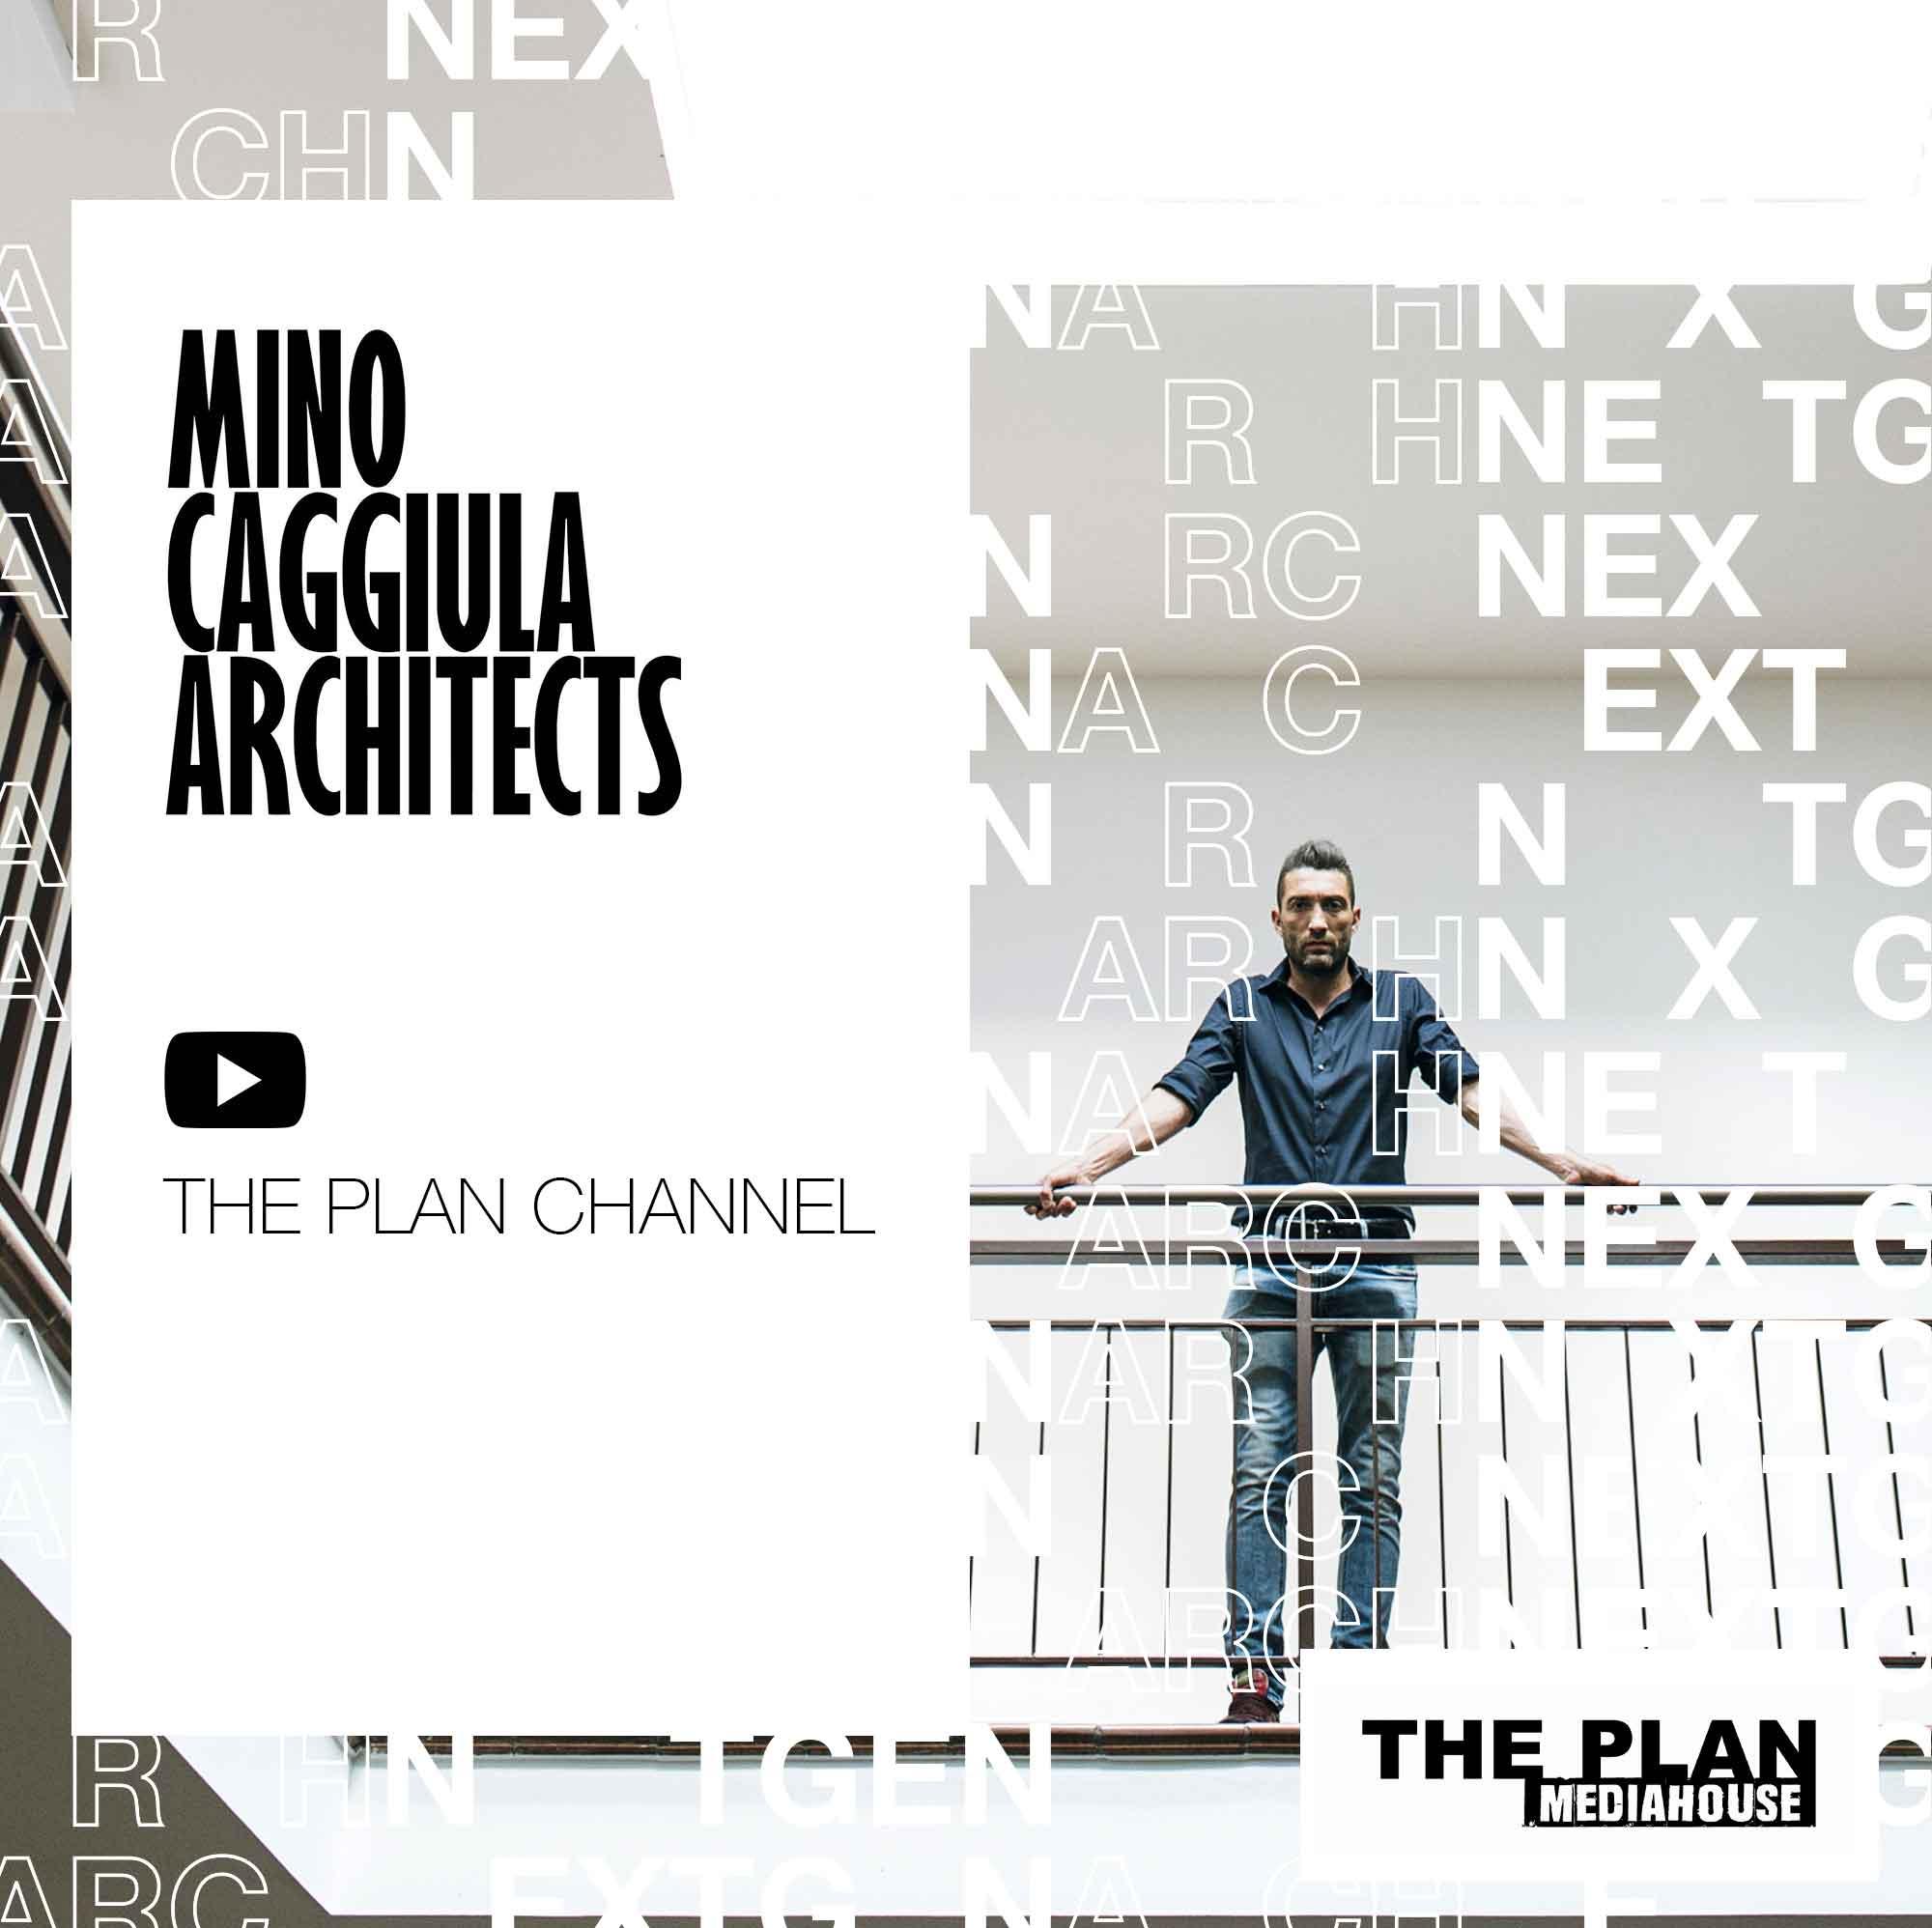 Arch NextGen: Mino Caggiula Architects